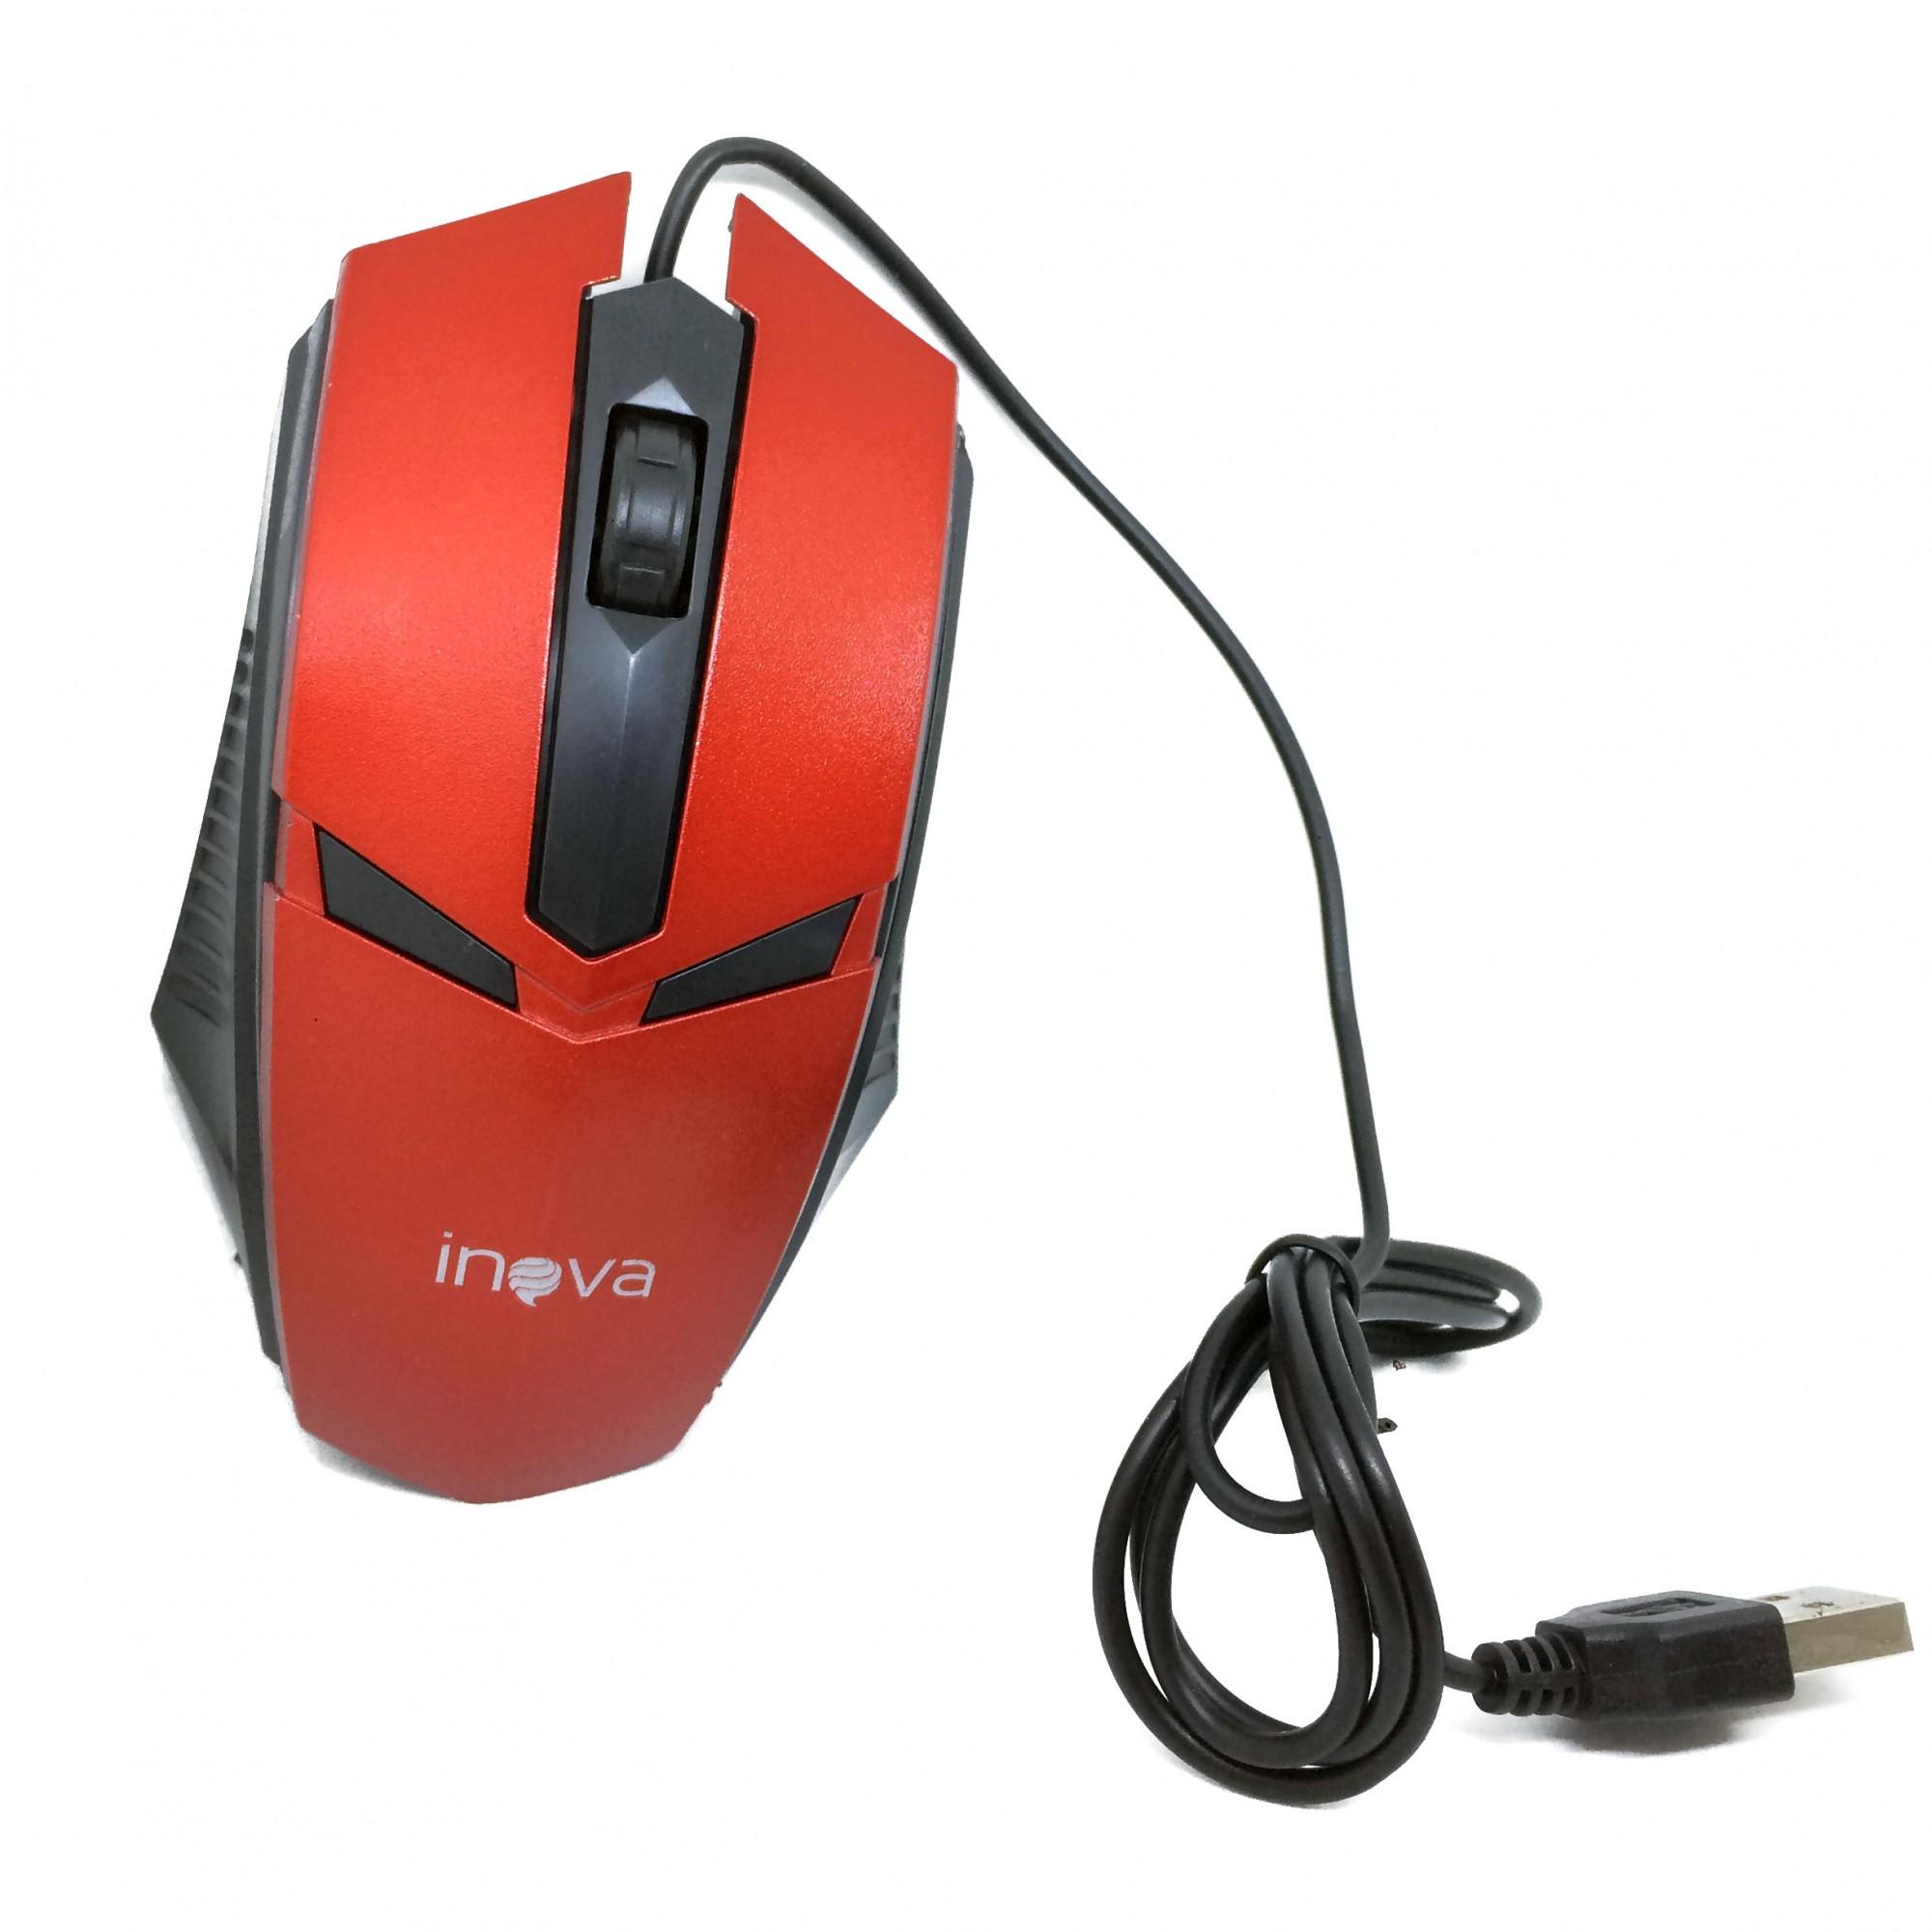 Mouse Óptico Com Fio USB 800Dpi Inova MOU-6935 Vermelho Preto - INOVA BLISTER